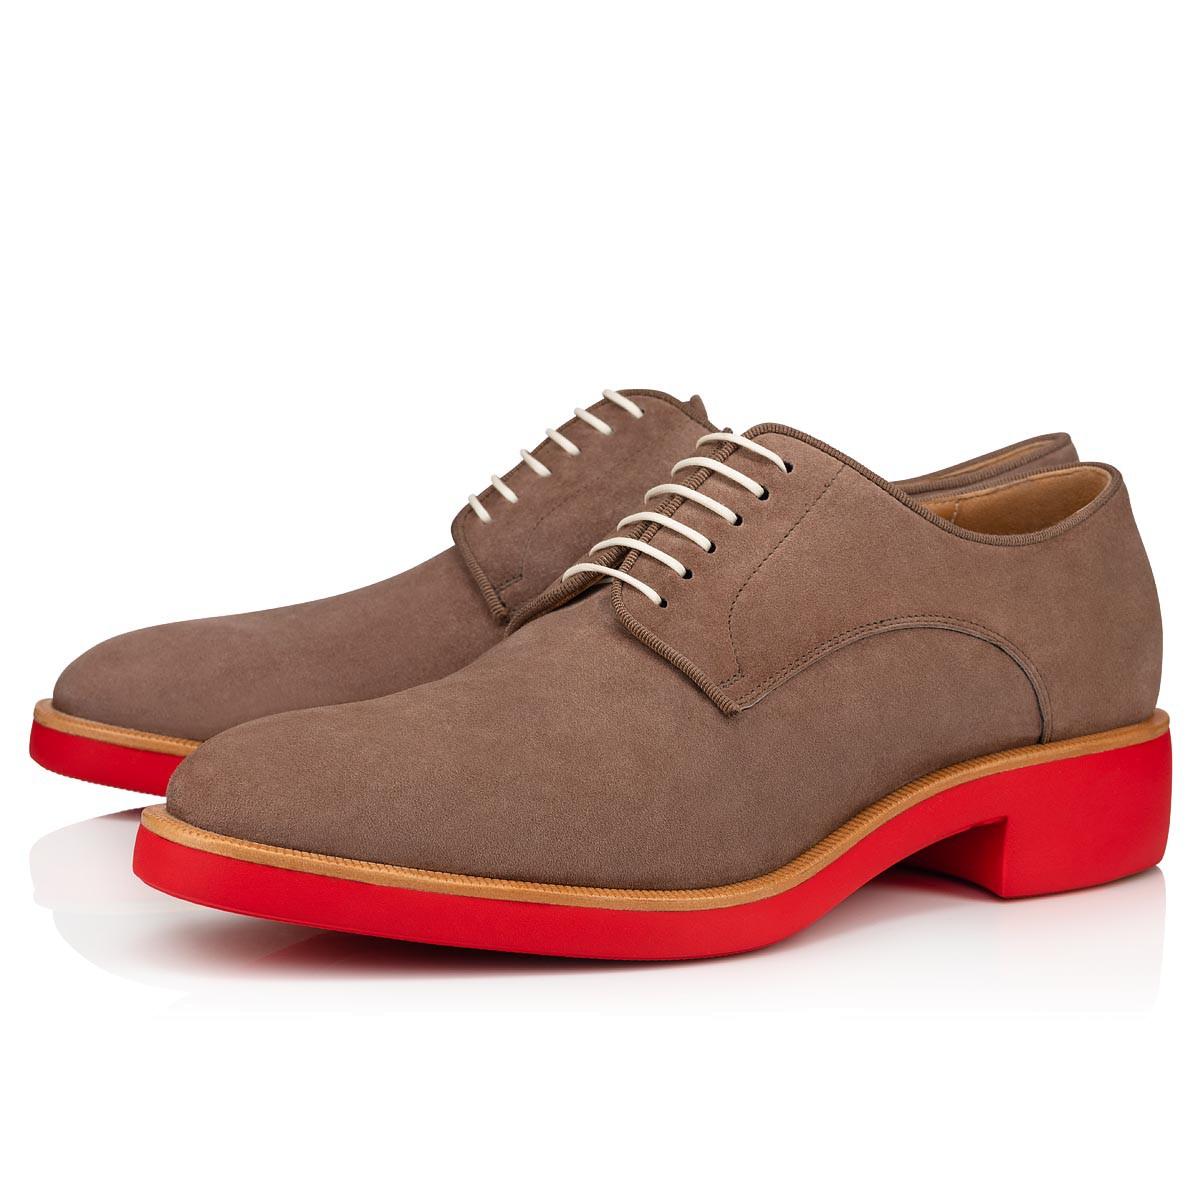 Shoes - Davilo Rxl - Christian Louboutin